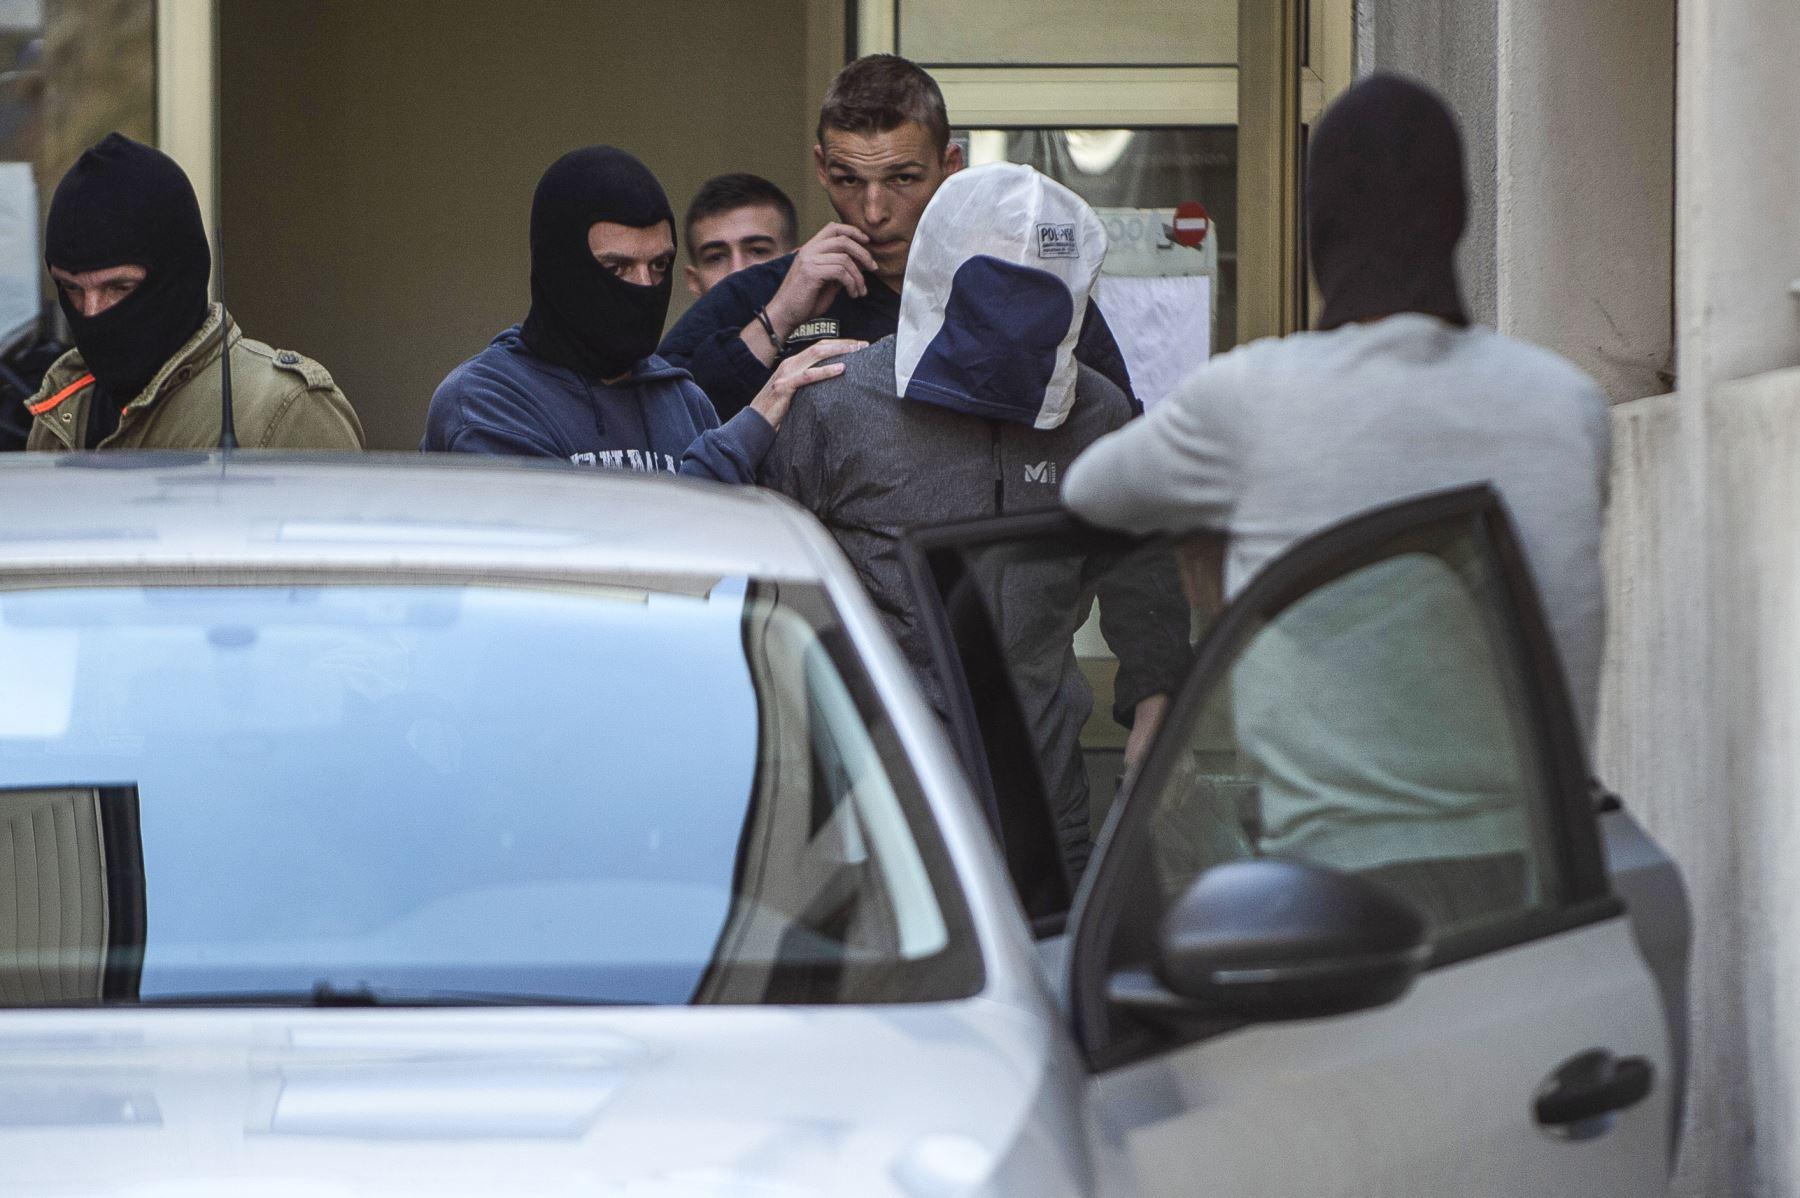 José Antonio Urrutikoetxea, alias 'Josu Ternera', uno de los líderes de ETA, es detenido por la policía cuando abandona el tribunal de Bonneville. Foto: AFP